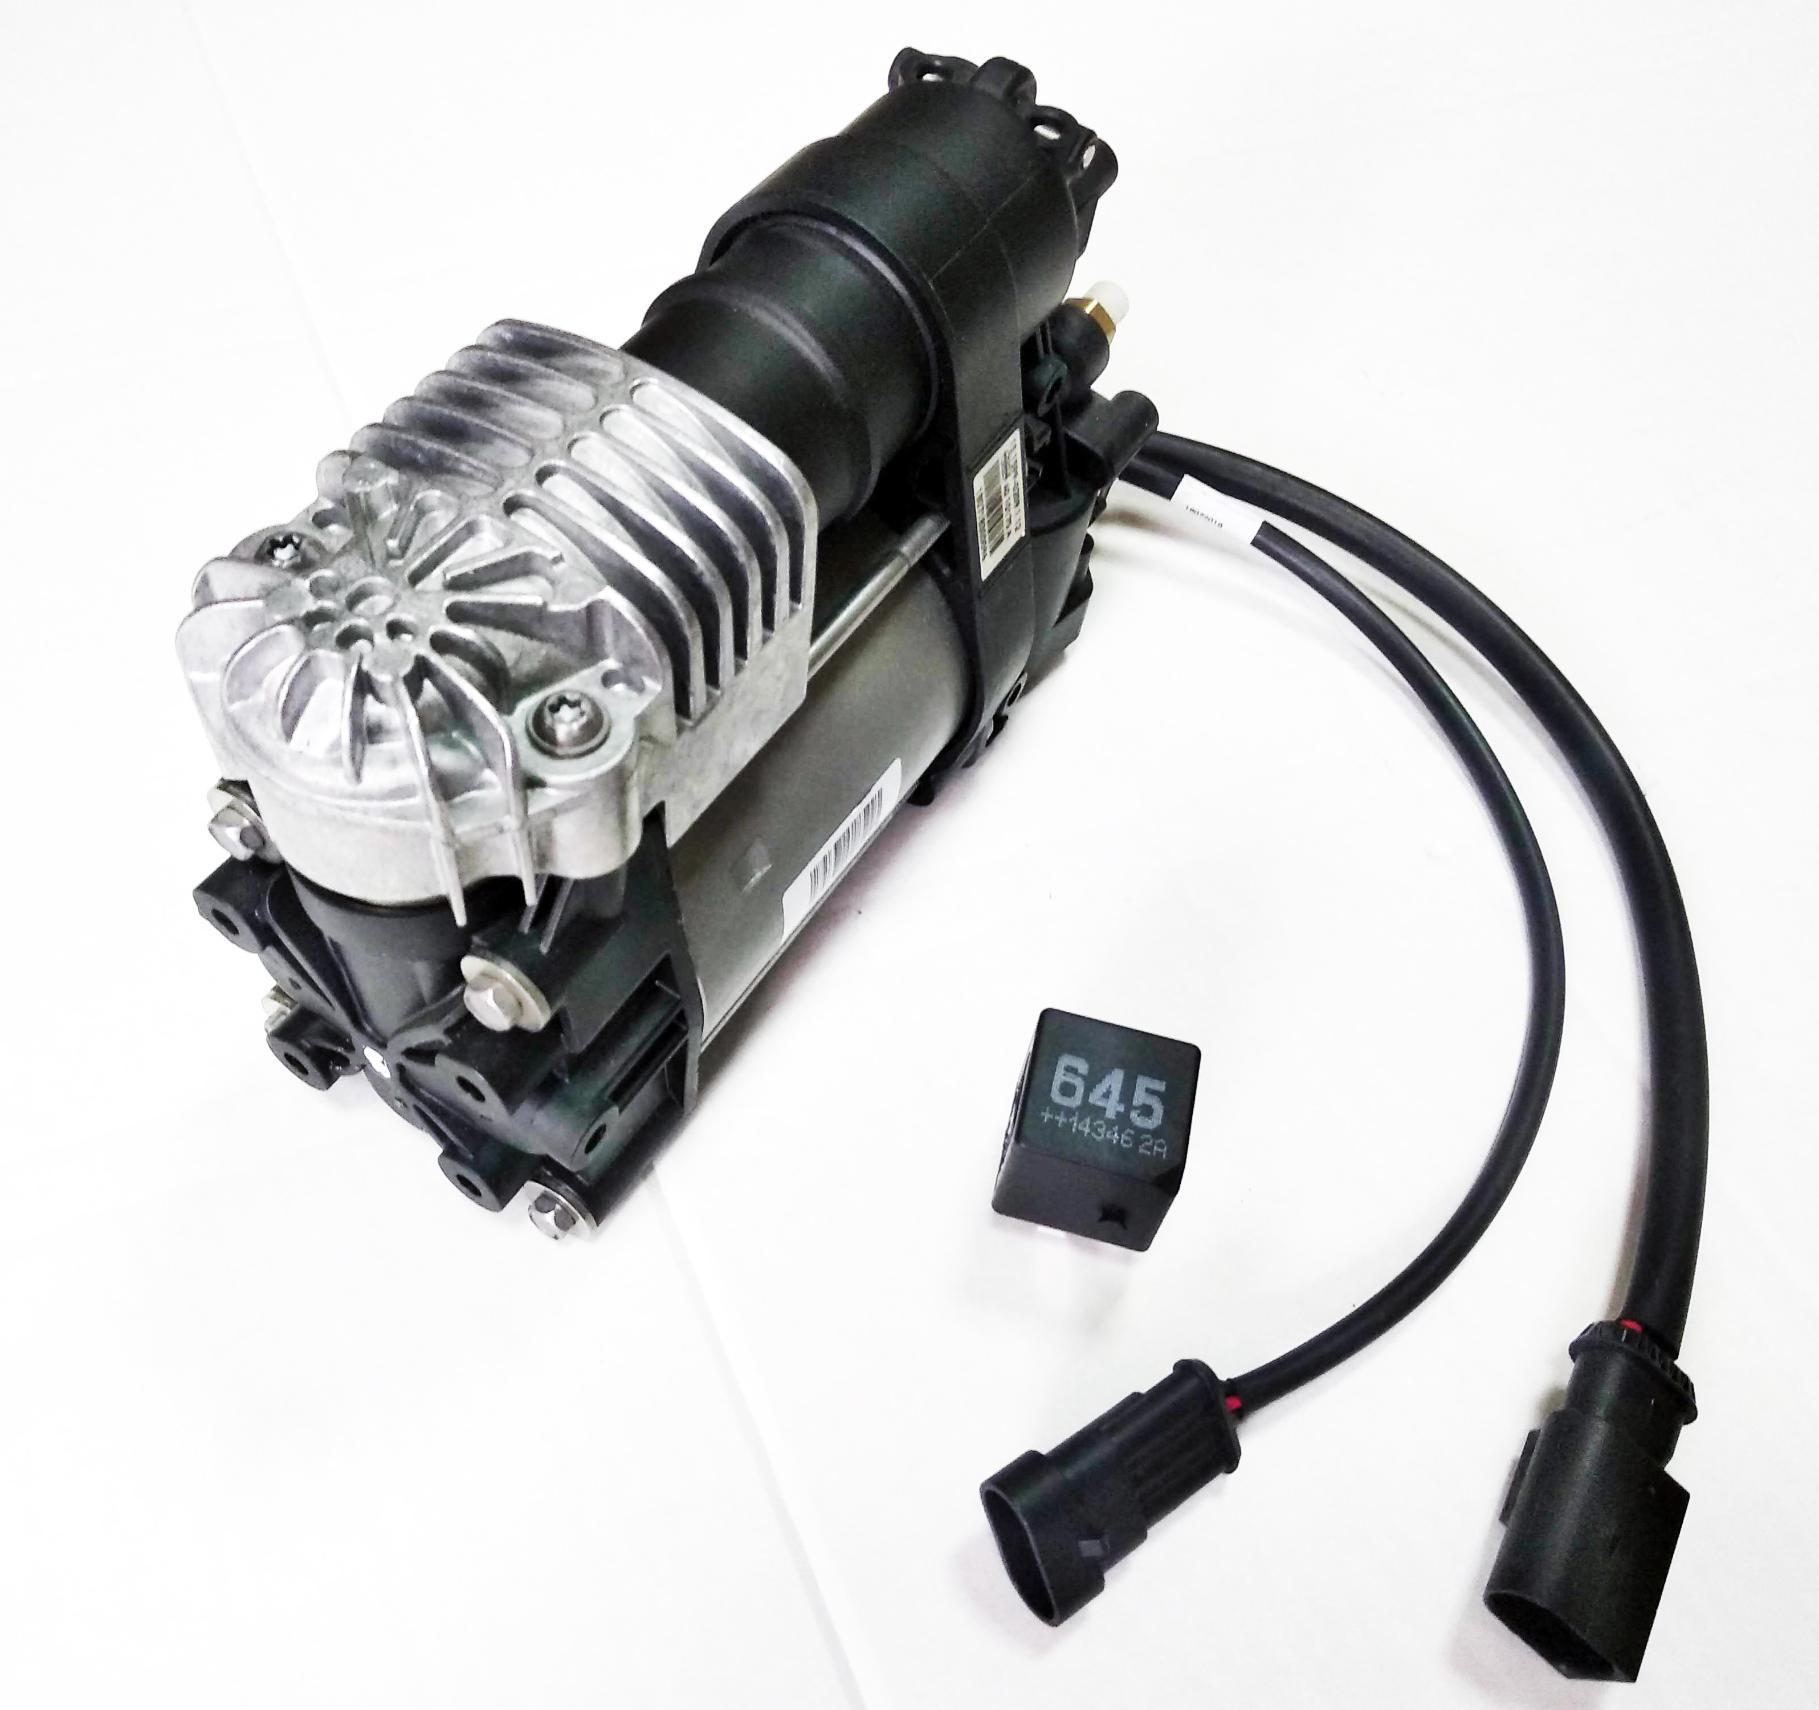 картинка Новый оригинальный компрессор пневмоподвески Continental для VW Touareg II NF / Porsche Cayenne II 958 (7P0698007) от магазина пневмоподвески ПневмоМаркет